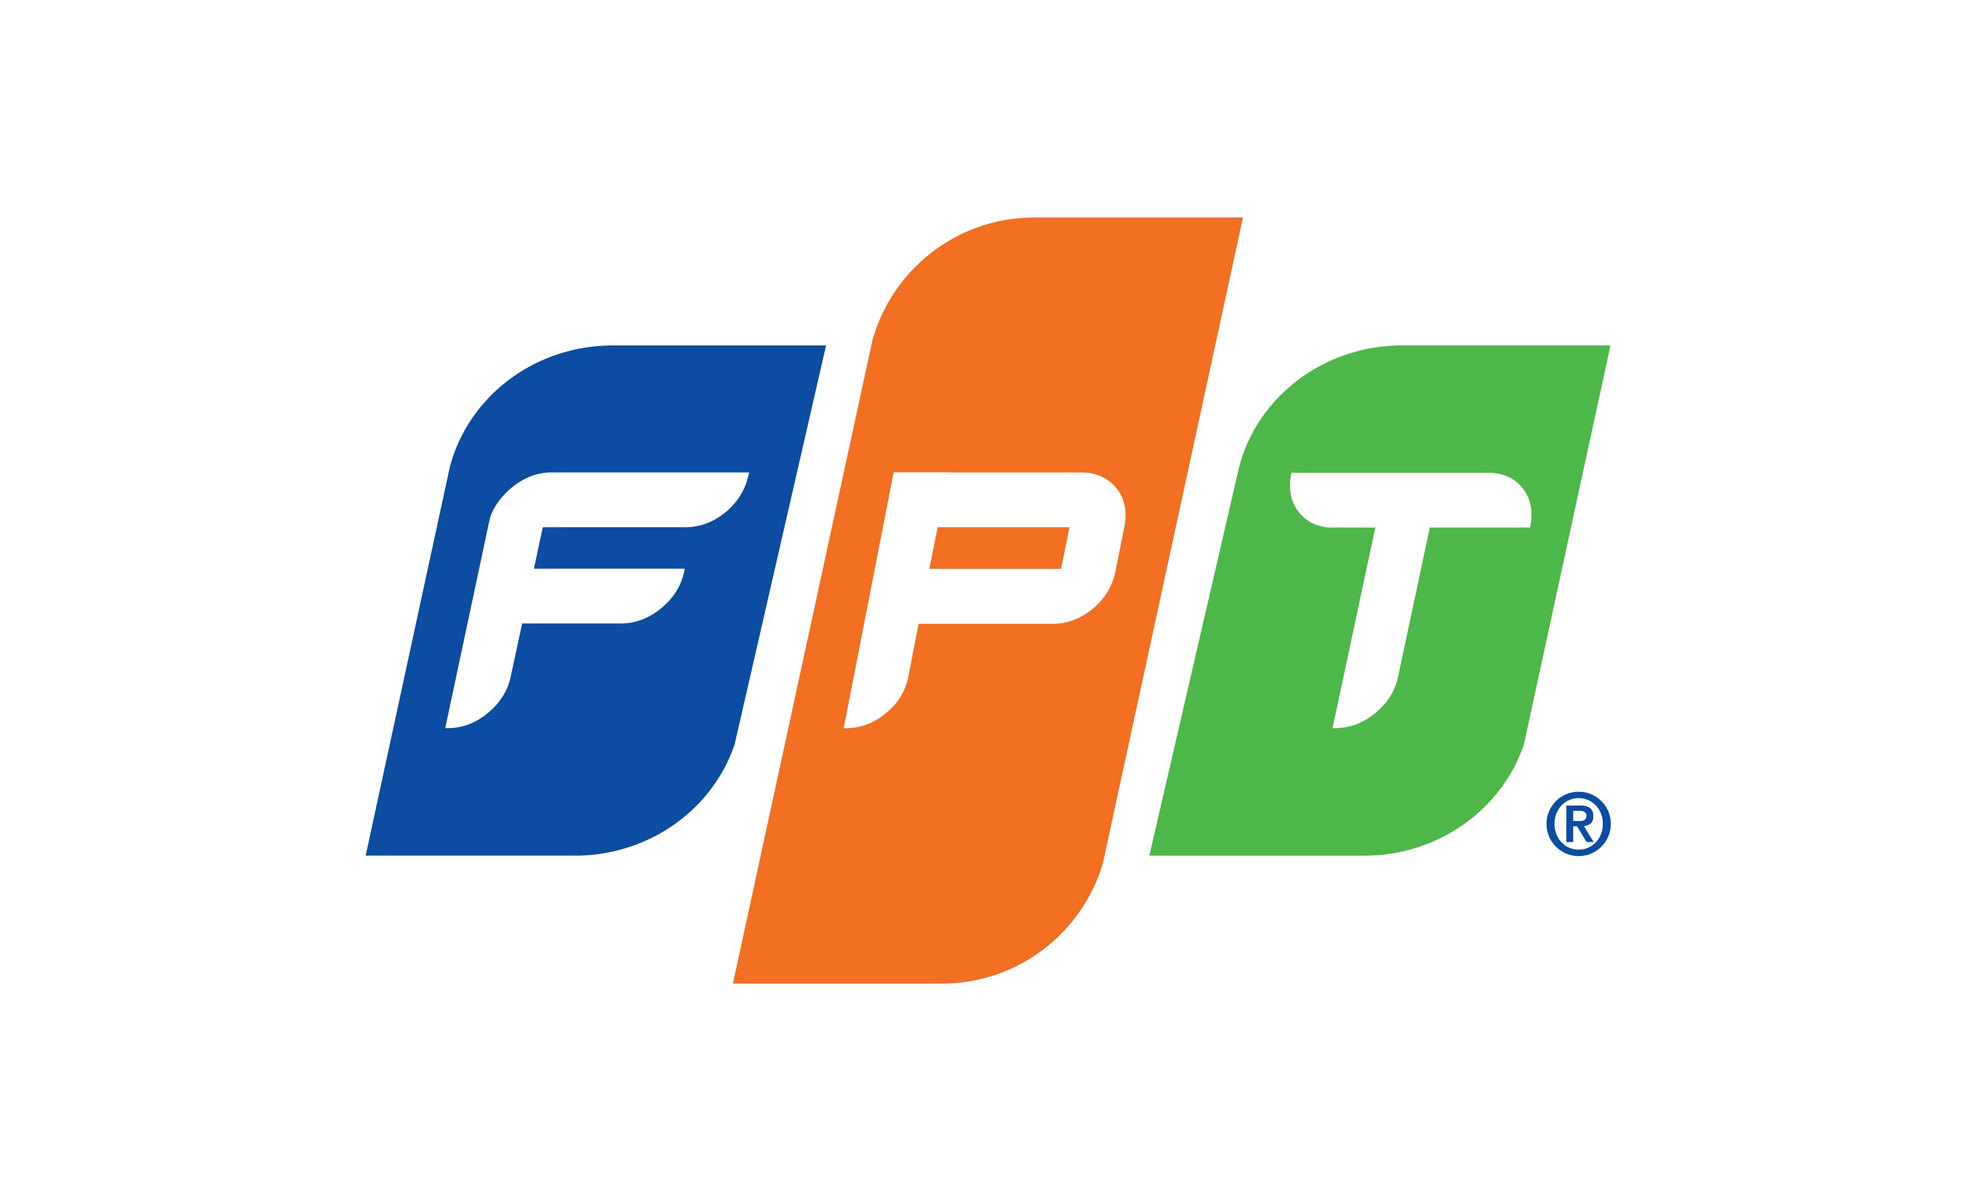 FPT_Logo.jpg